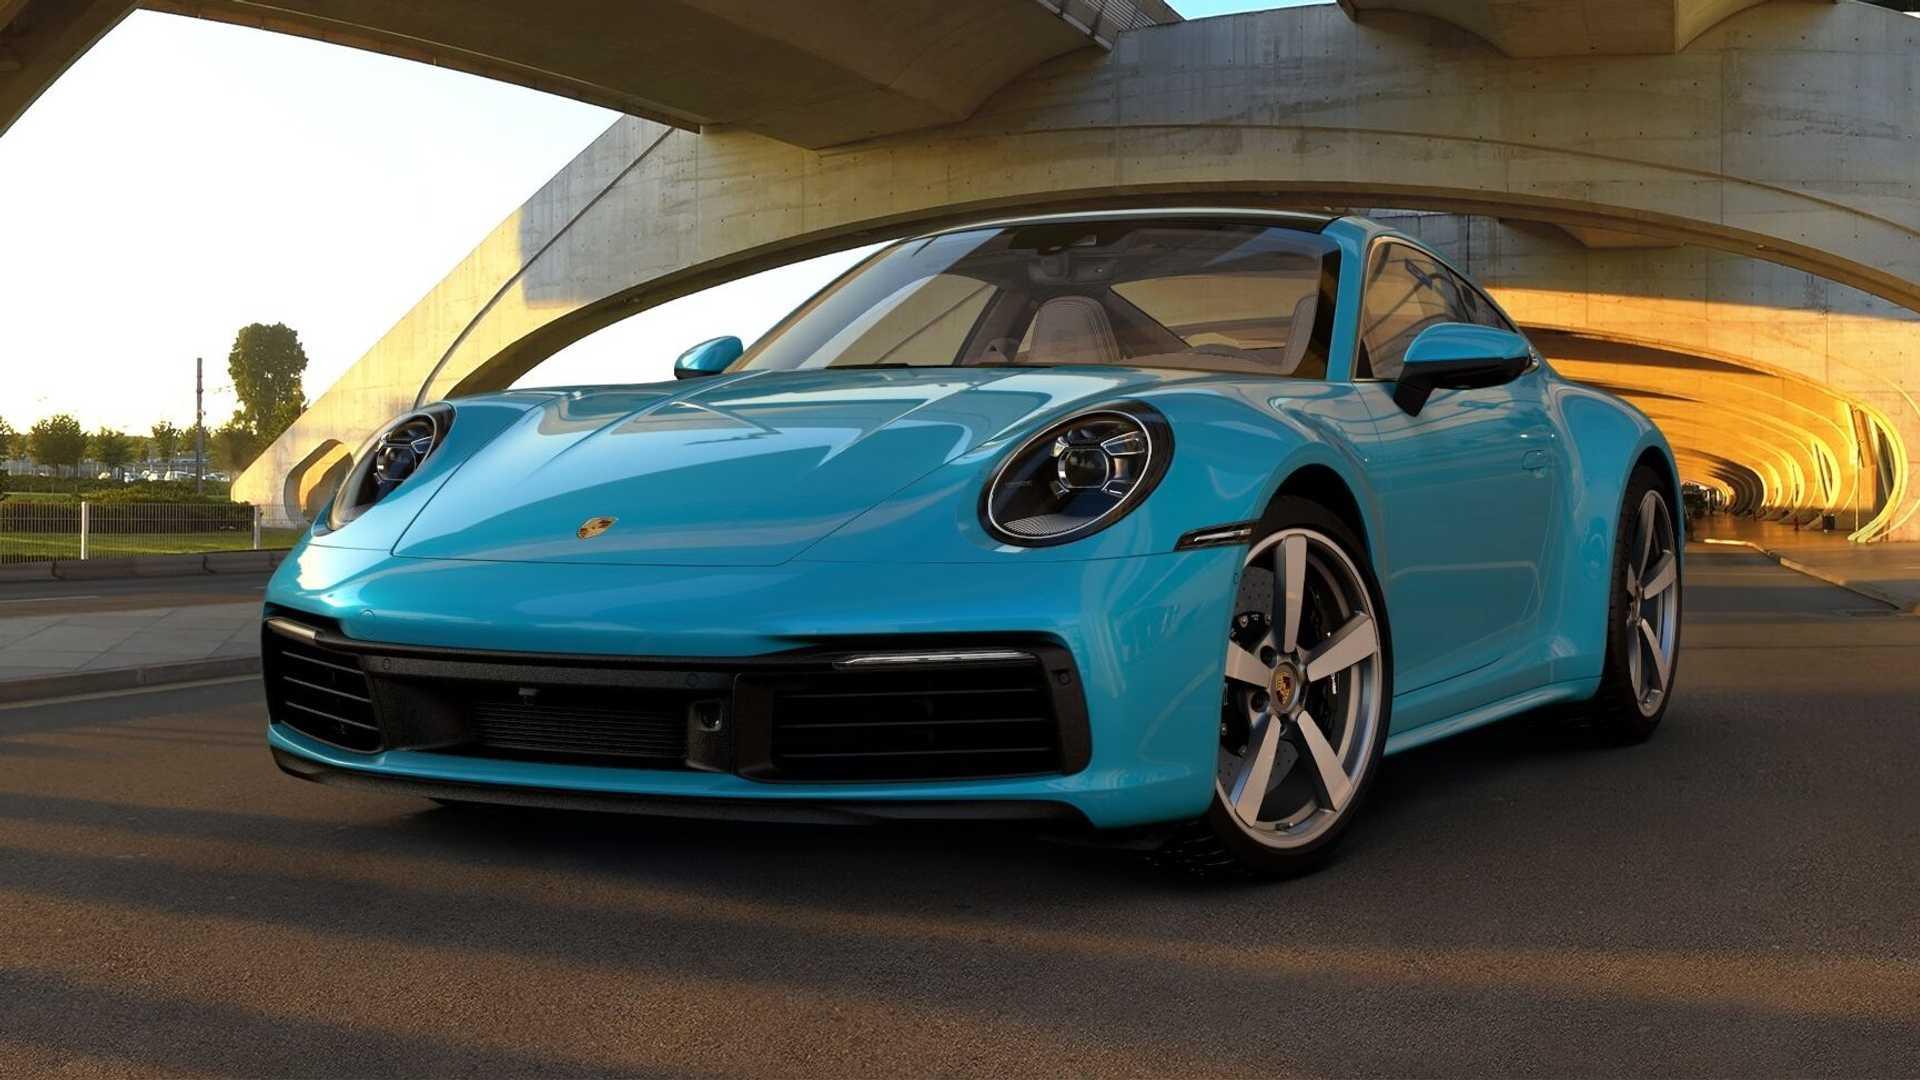 71 Gallery of Porsche Targa 2020 Interior for Porsche Targa 2020